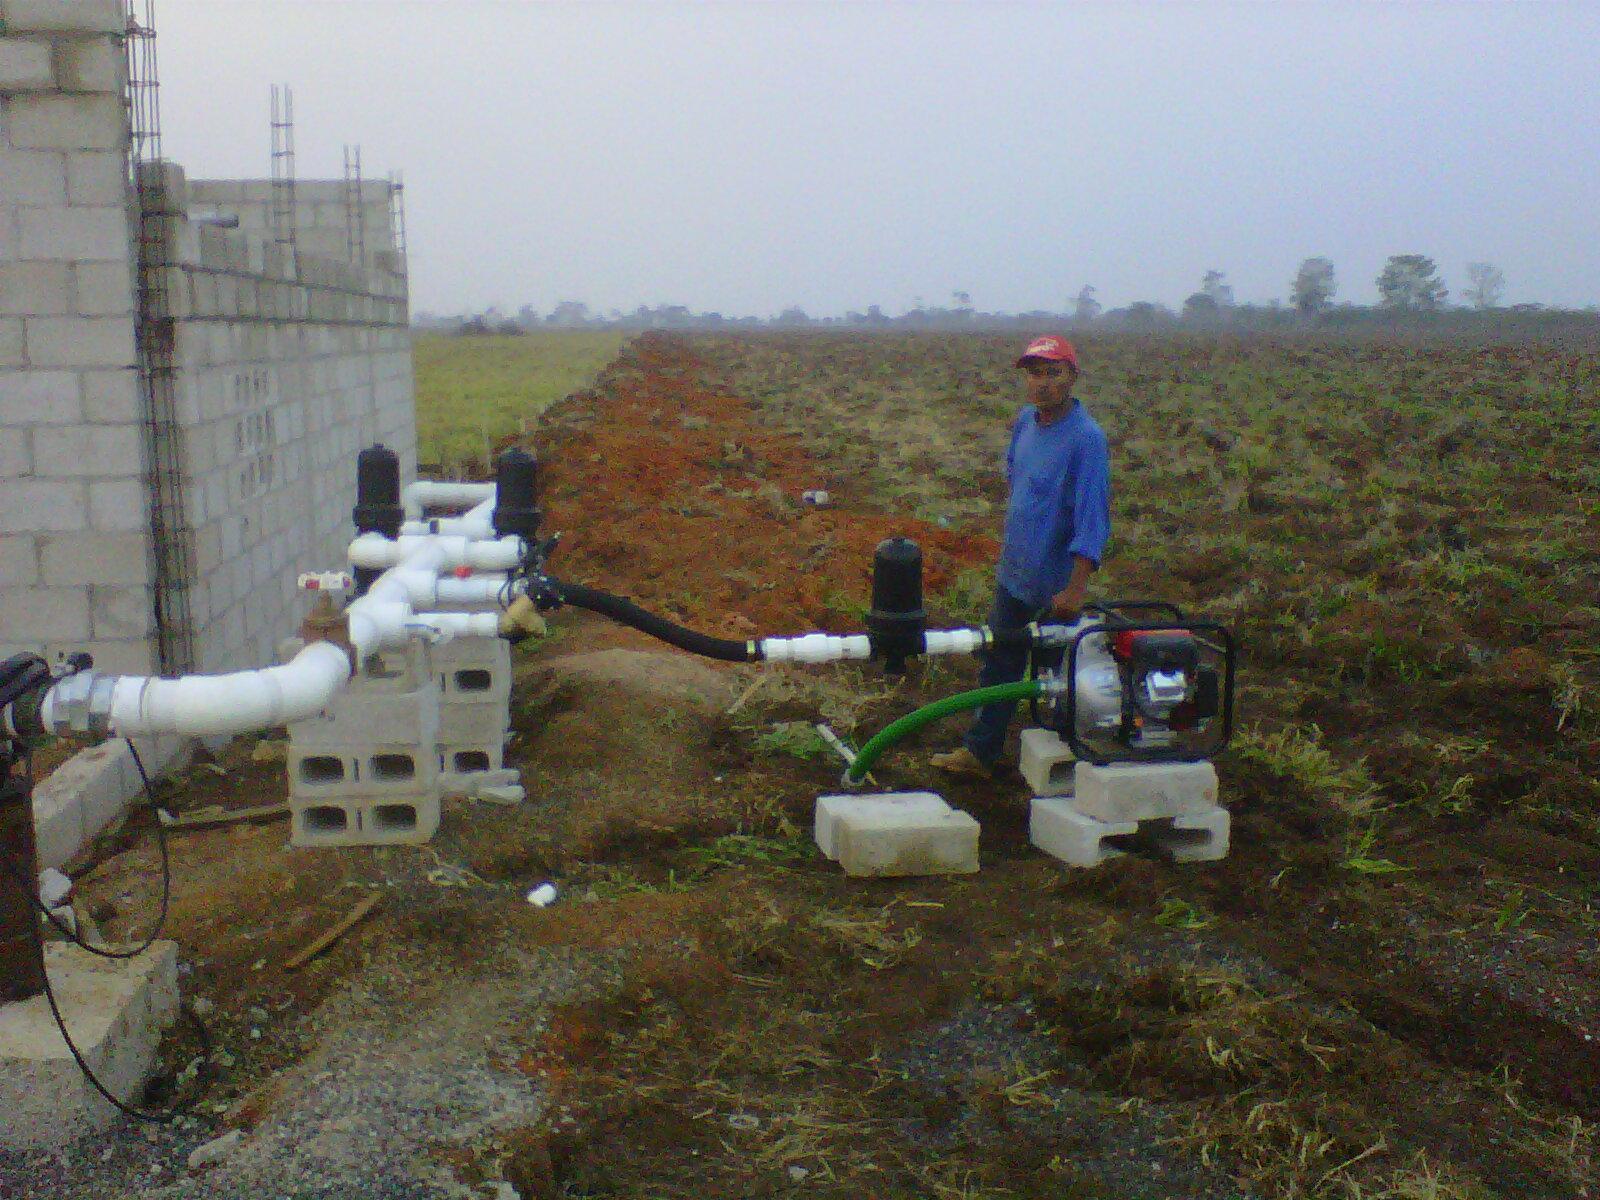 Bombas y riegos de guatemala sistema de riego por goteo - Sistemas de goteo ...